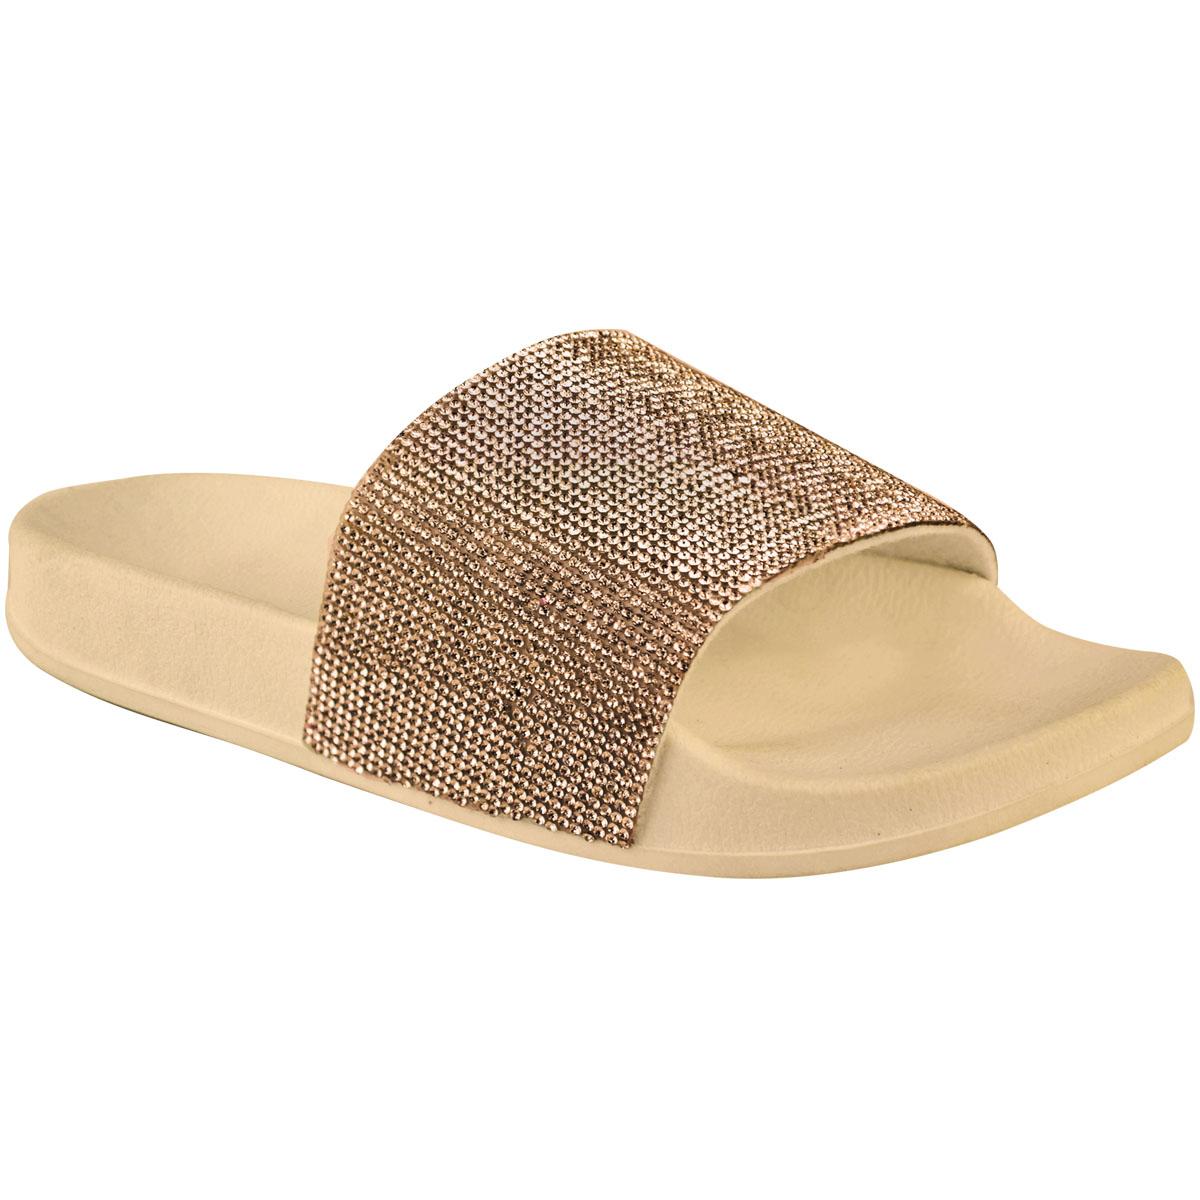 Femme Slip on curseurs femme plates avec strass Bling Sandales Chaussures